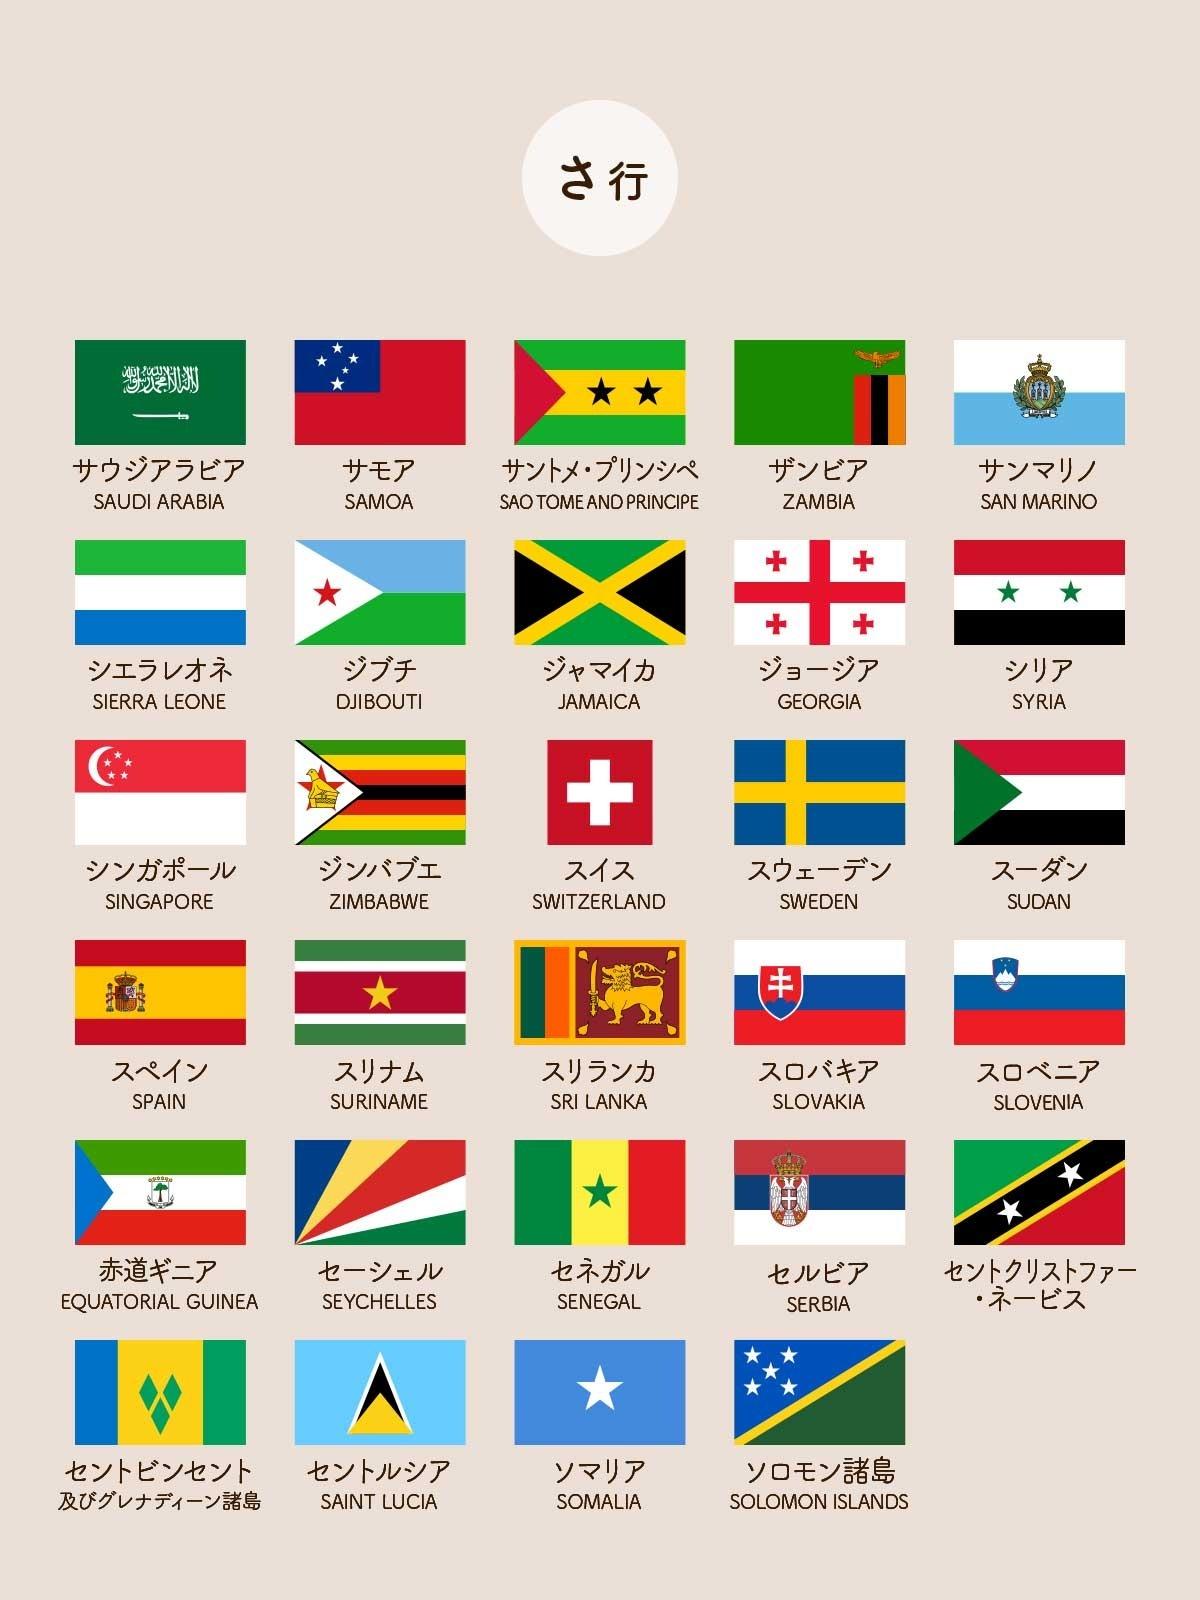 さ行の国旗一覧 / サウジアラビア SAUDI ARABIA / サモア SAMOA / サントメ・プリンシペ SAO TOME AND PRINCIPE / ザンビア ZAMBIA / サンマリノ SAN MARINO / シエラレオネ SIERRA LEONE / ジブチ DJIBOUTI / ジャマイカ JAMAICA / ジョージア GEORGIA / シリア SYRIA / シンガポール SINGAPORE / ジンバブエ ZIMBABWE / スイス SWITZERLAND / スウェーデン